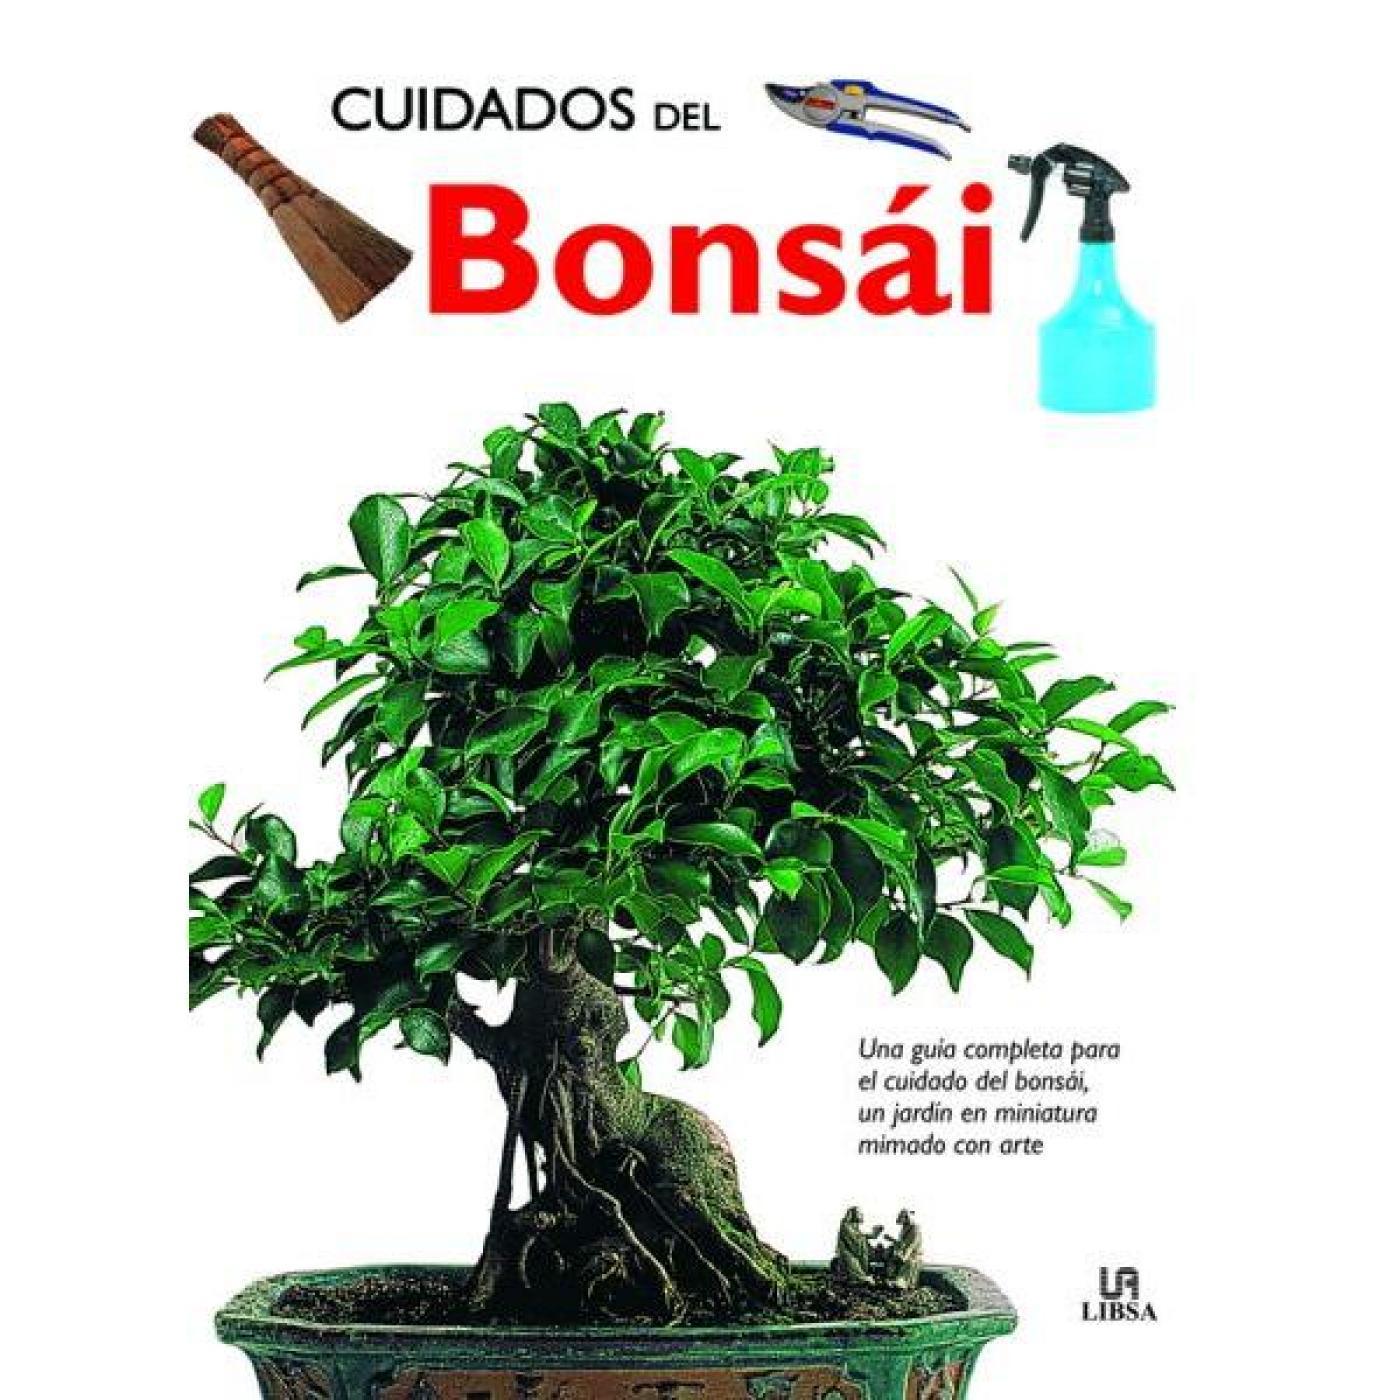 Cuidados del bons i por 11 95 en planeta huerto - Cuidado del bonsai ...